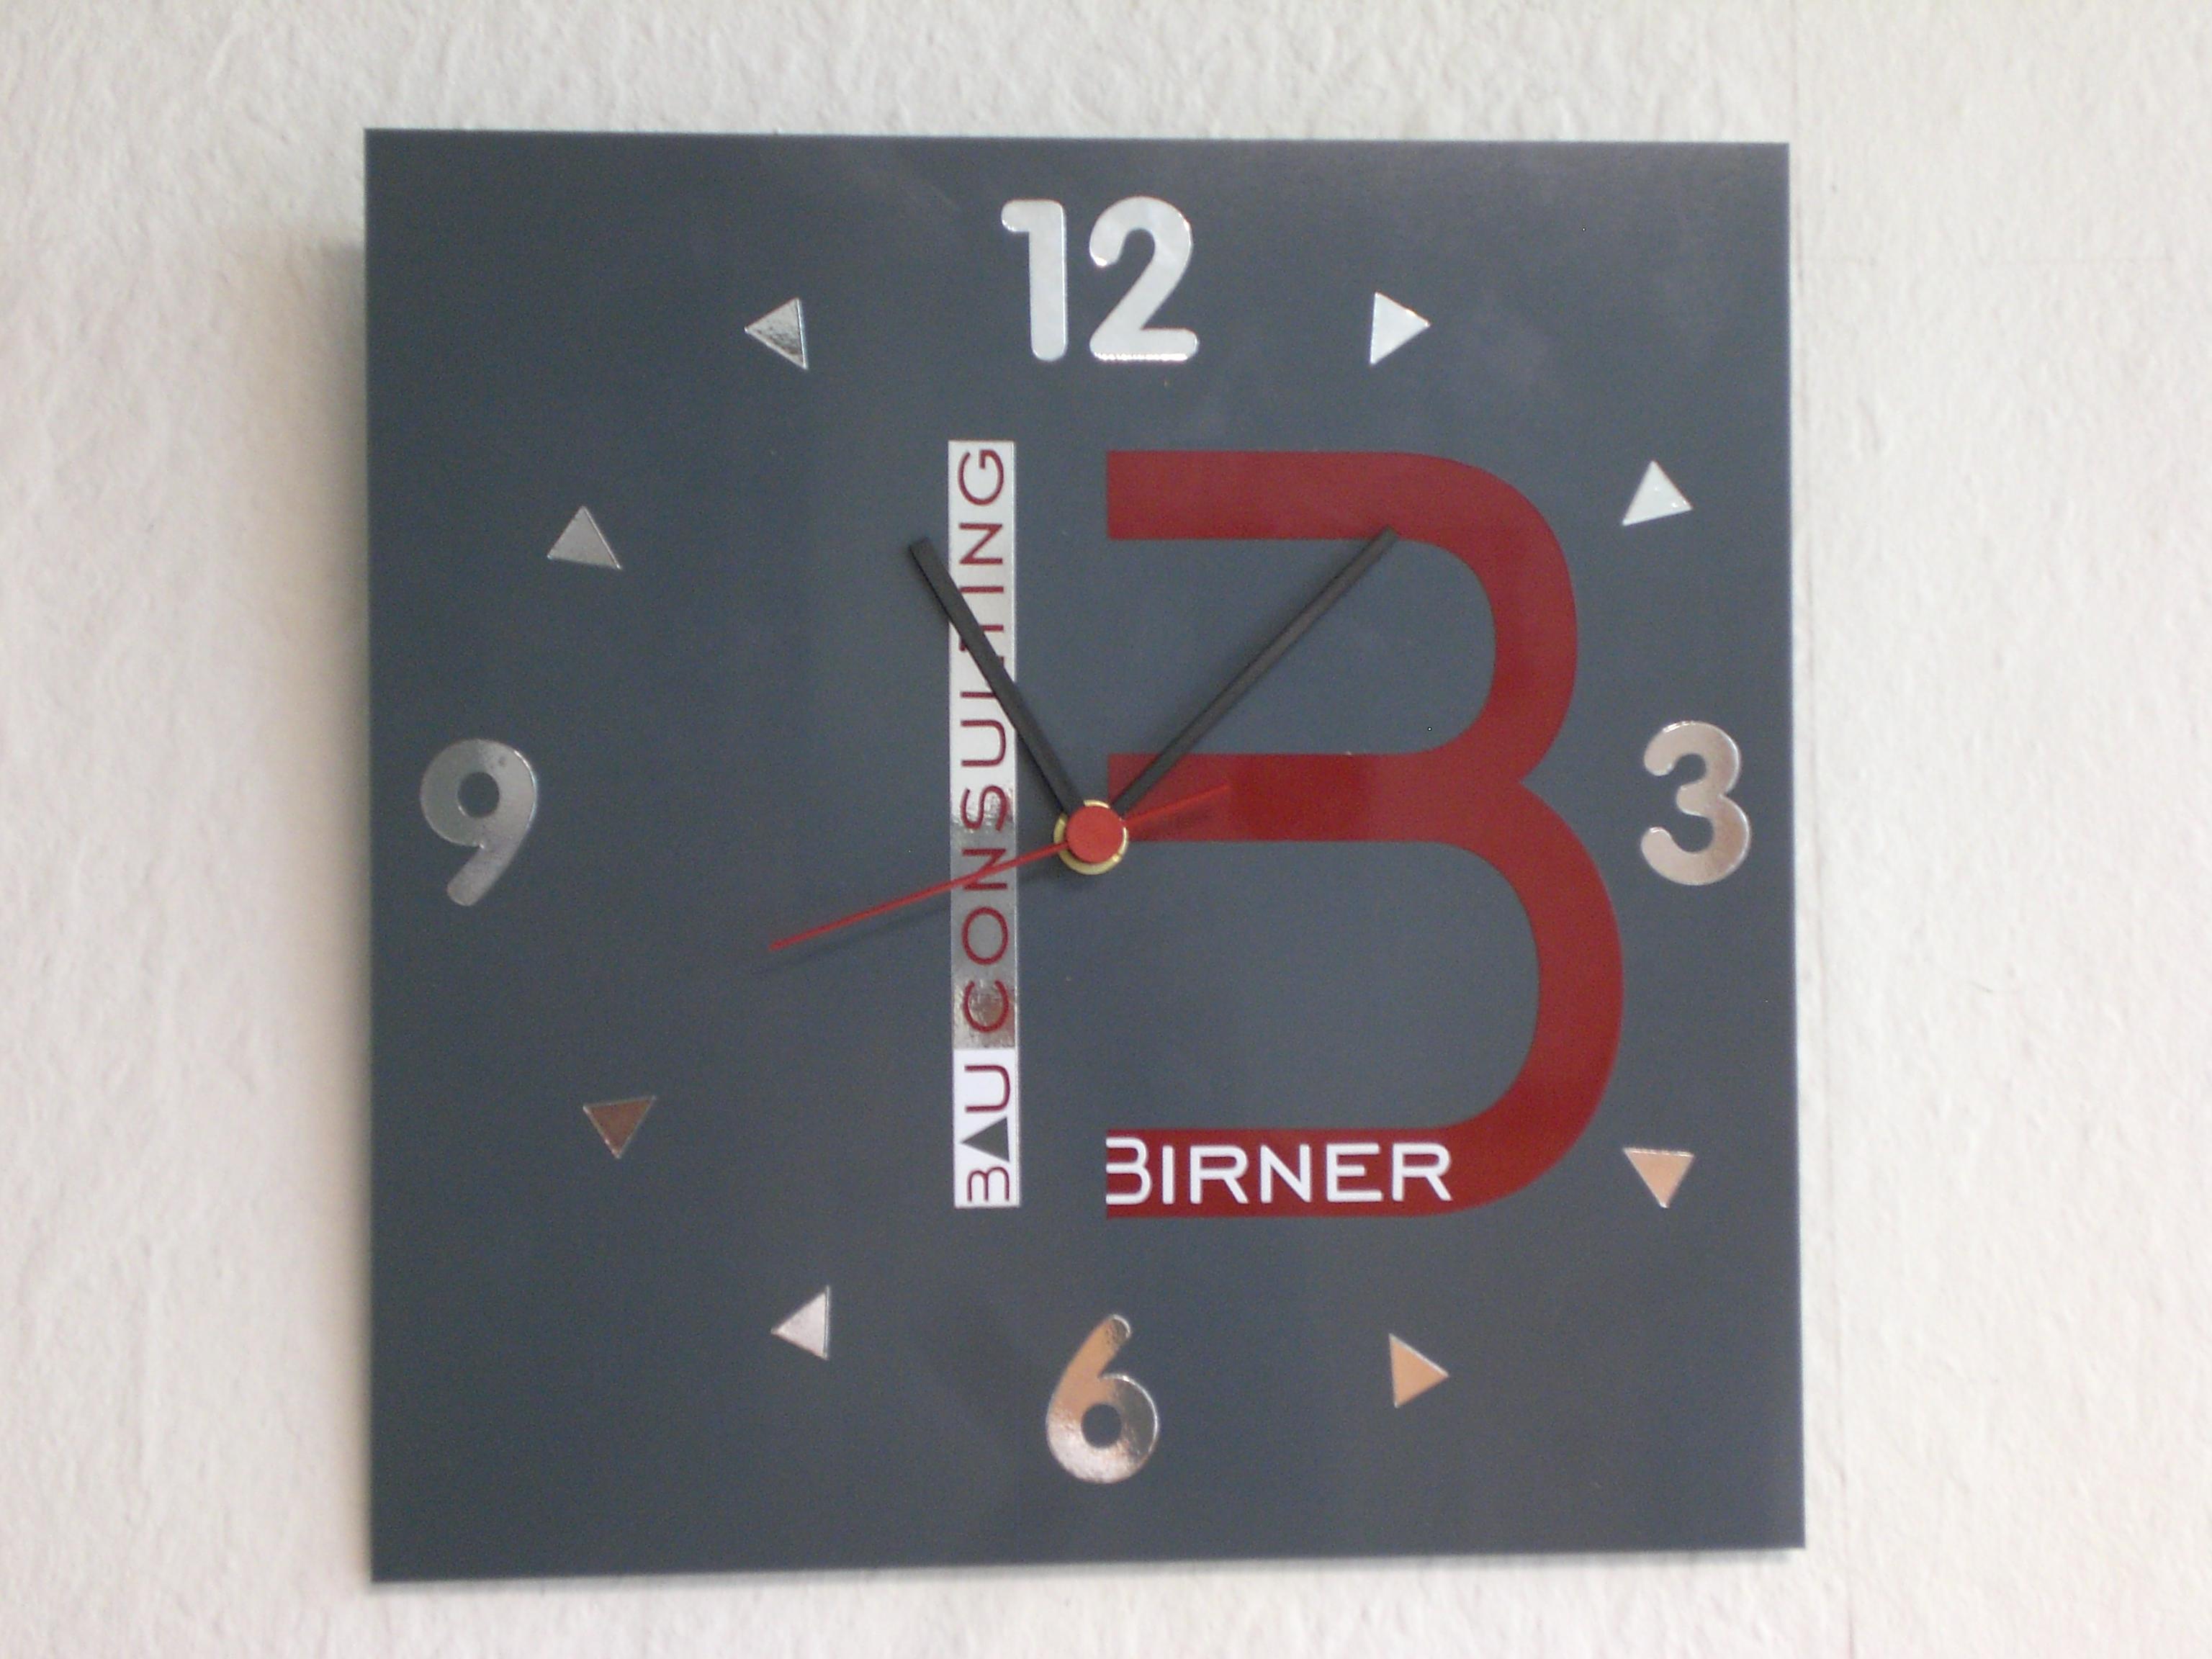 Birner Bau Uhr